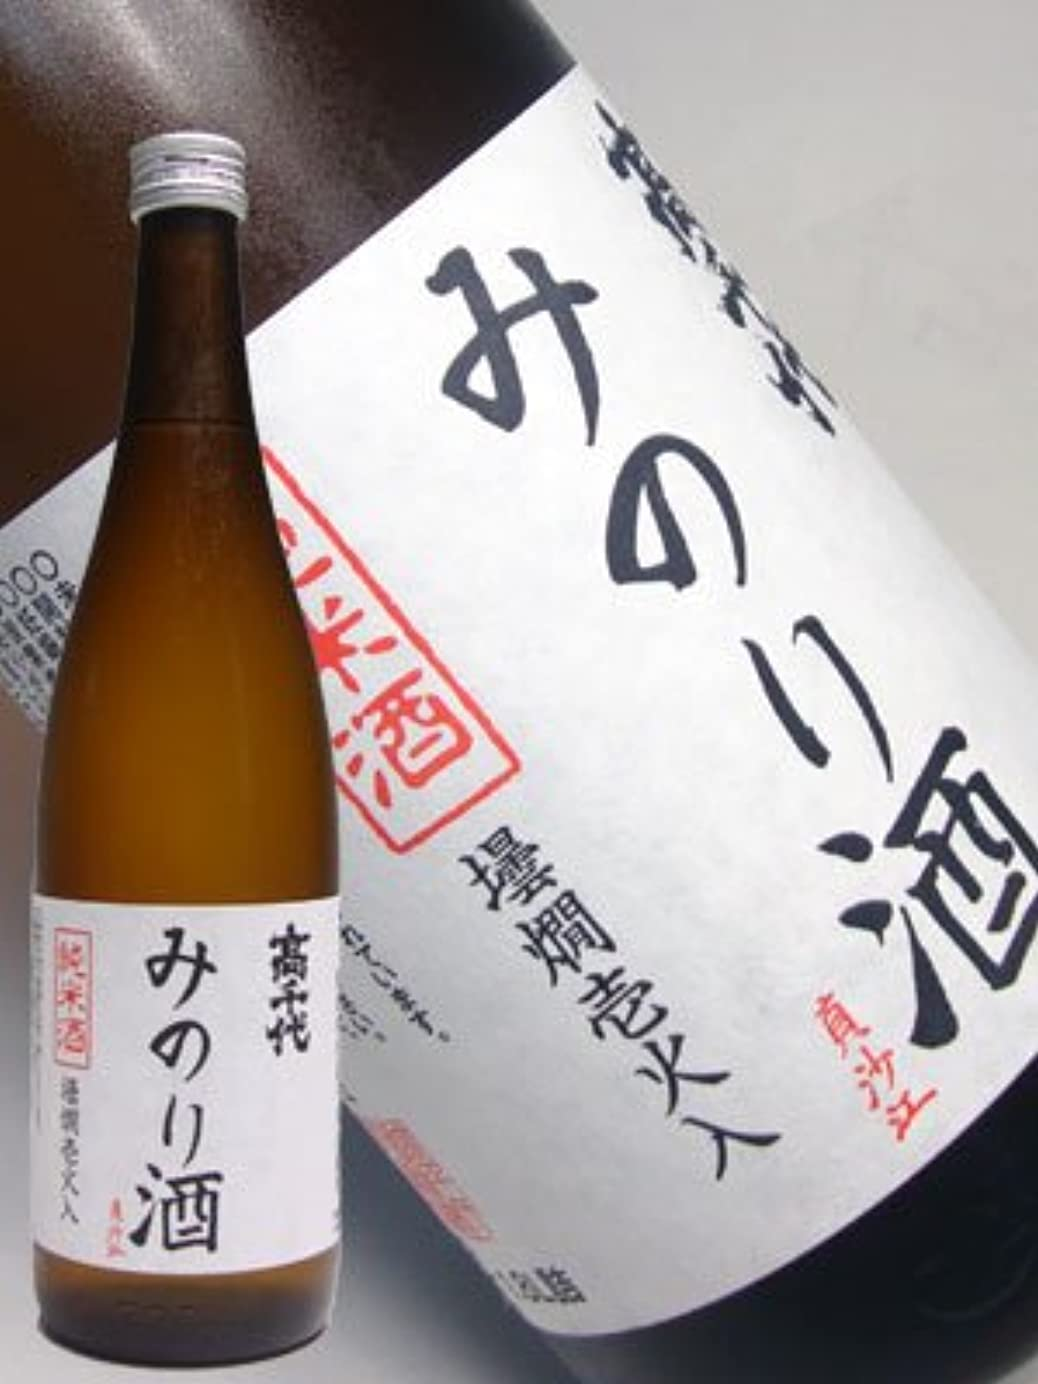 人口フィードめまい高千代酒造 みのり酒 秋季限定純米酒720ml